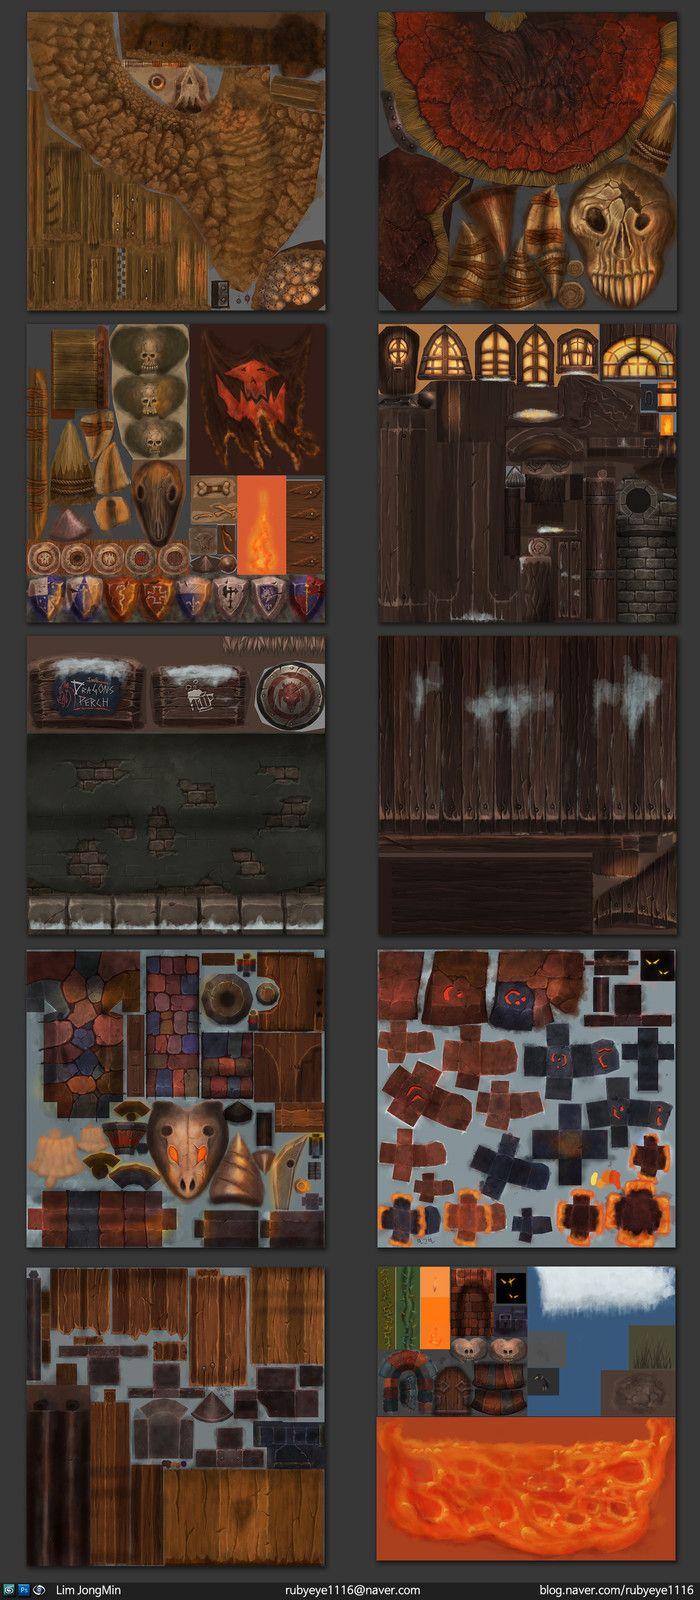 textures, JongMin Lim on ArtStation at https://www.artstation.com/artwork/9B5Ba